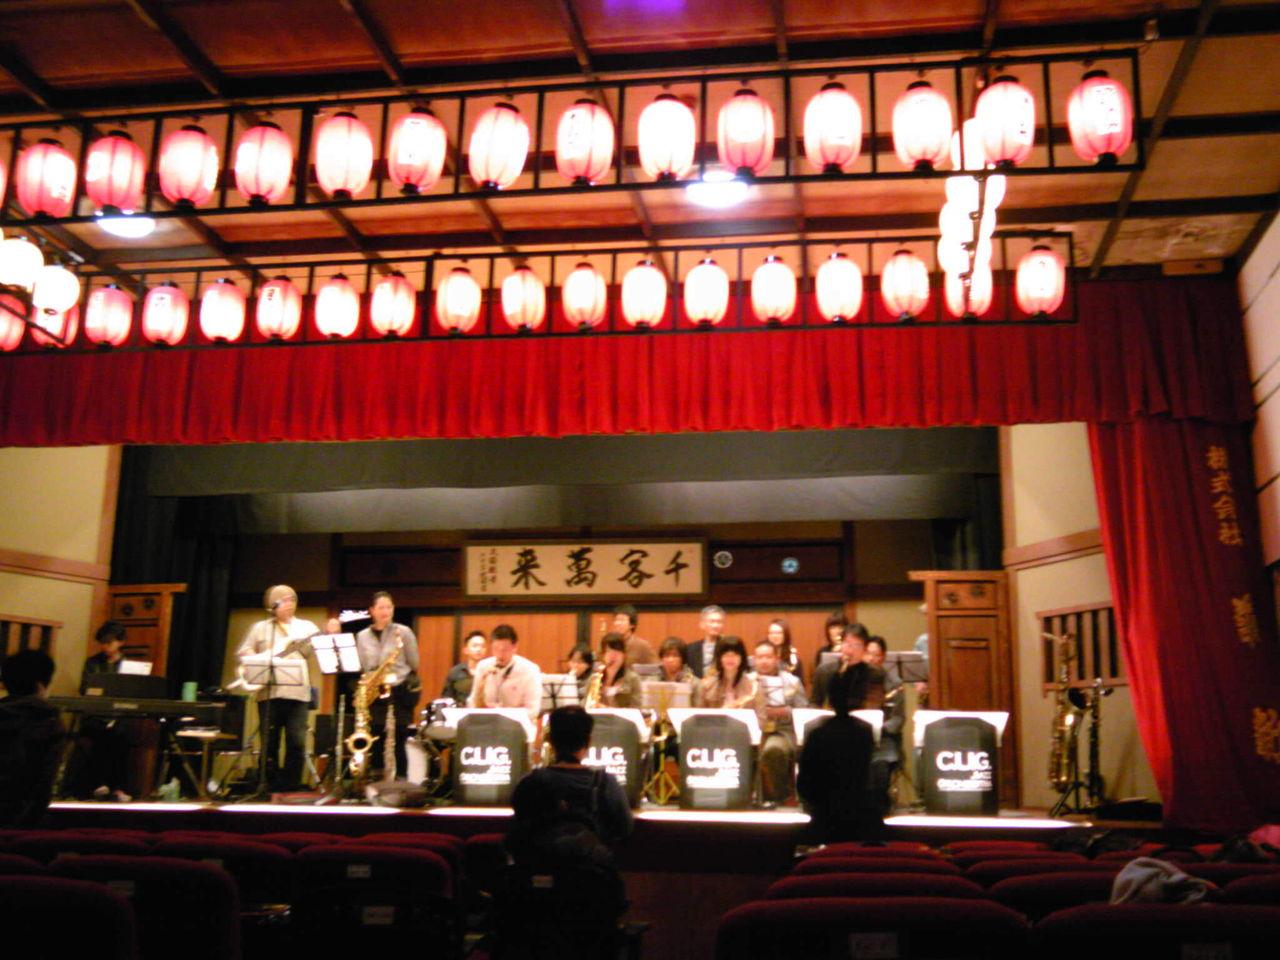 小松悠人のブログ : 大須演芸場でJAZZ